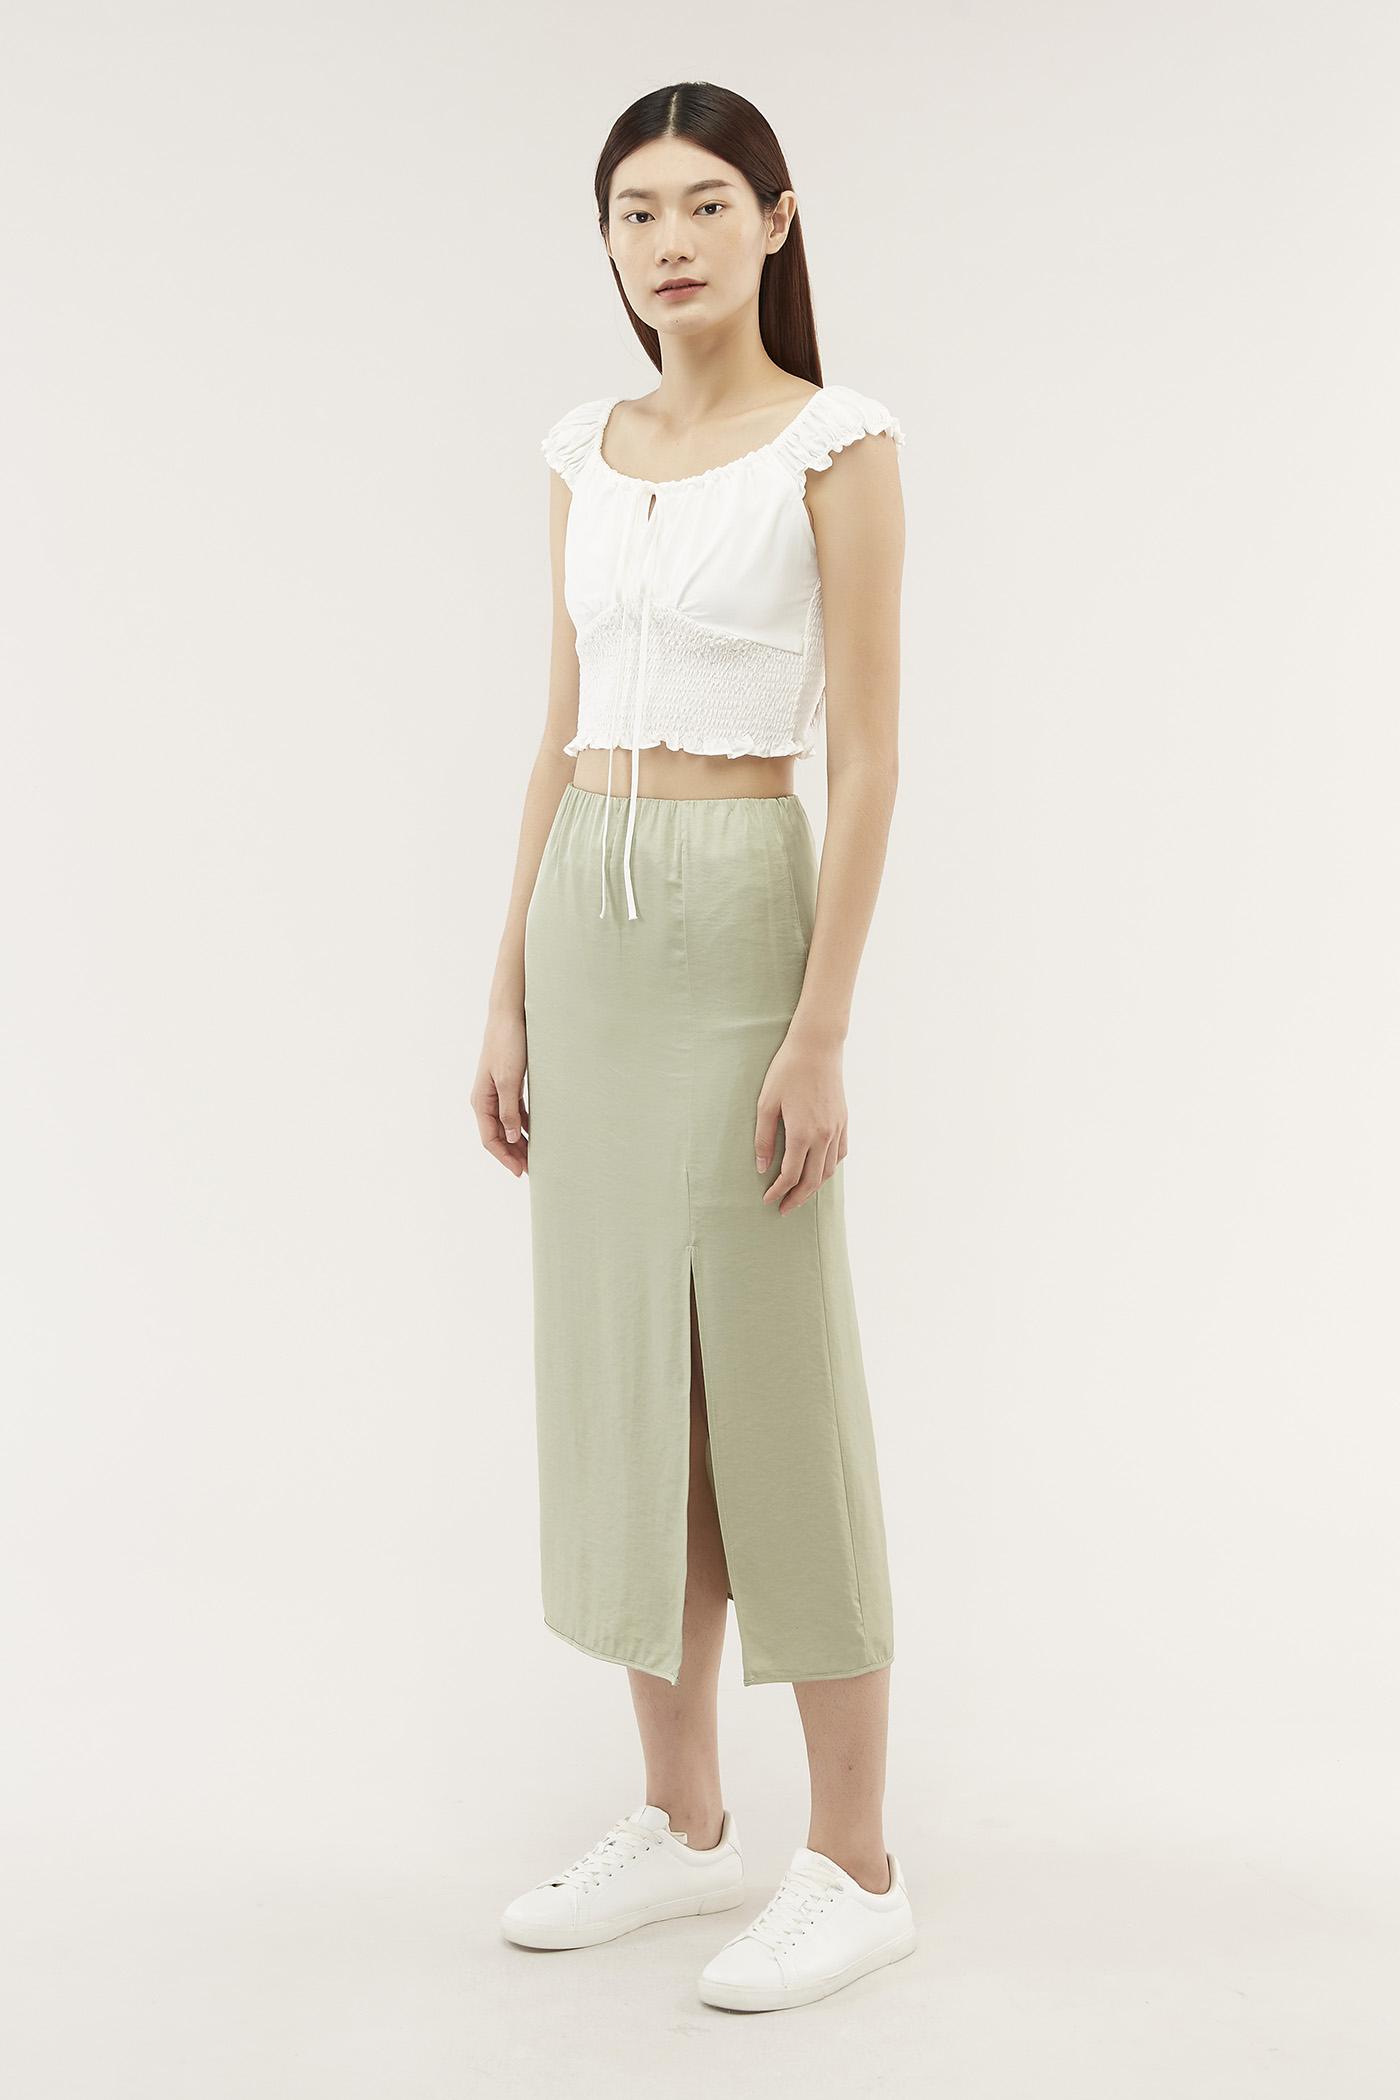 Elnora Satin Midi Skirt